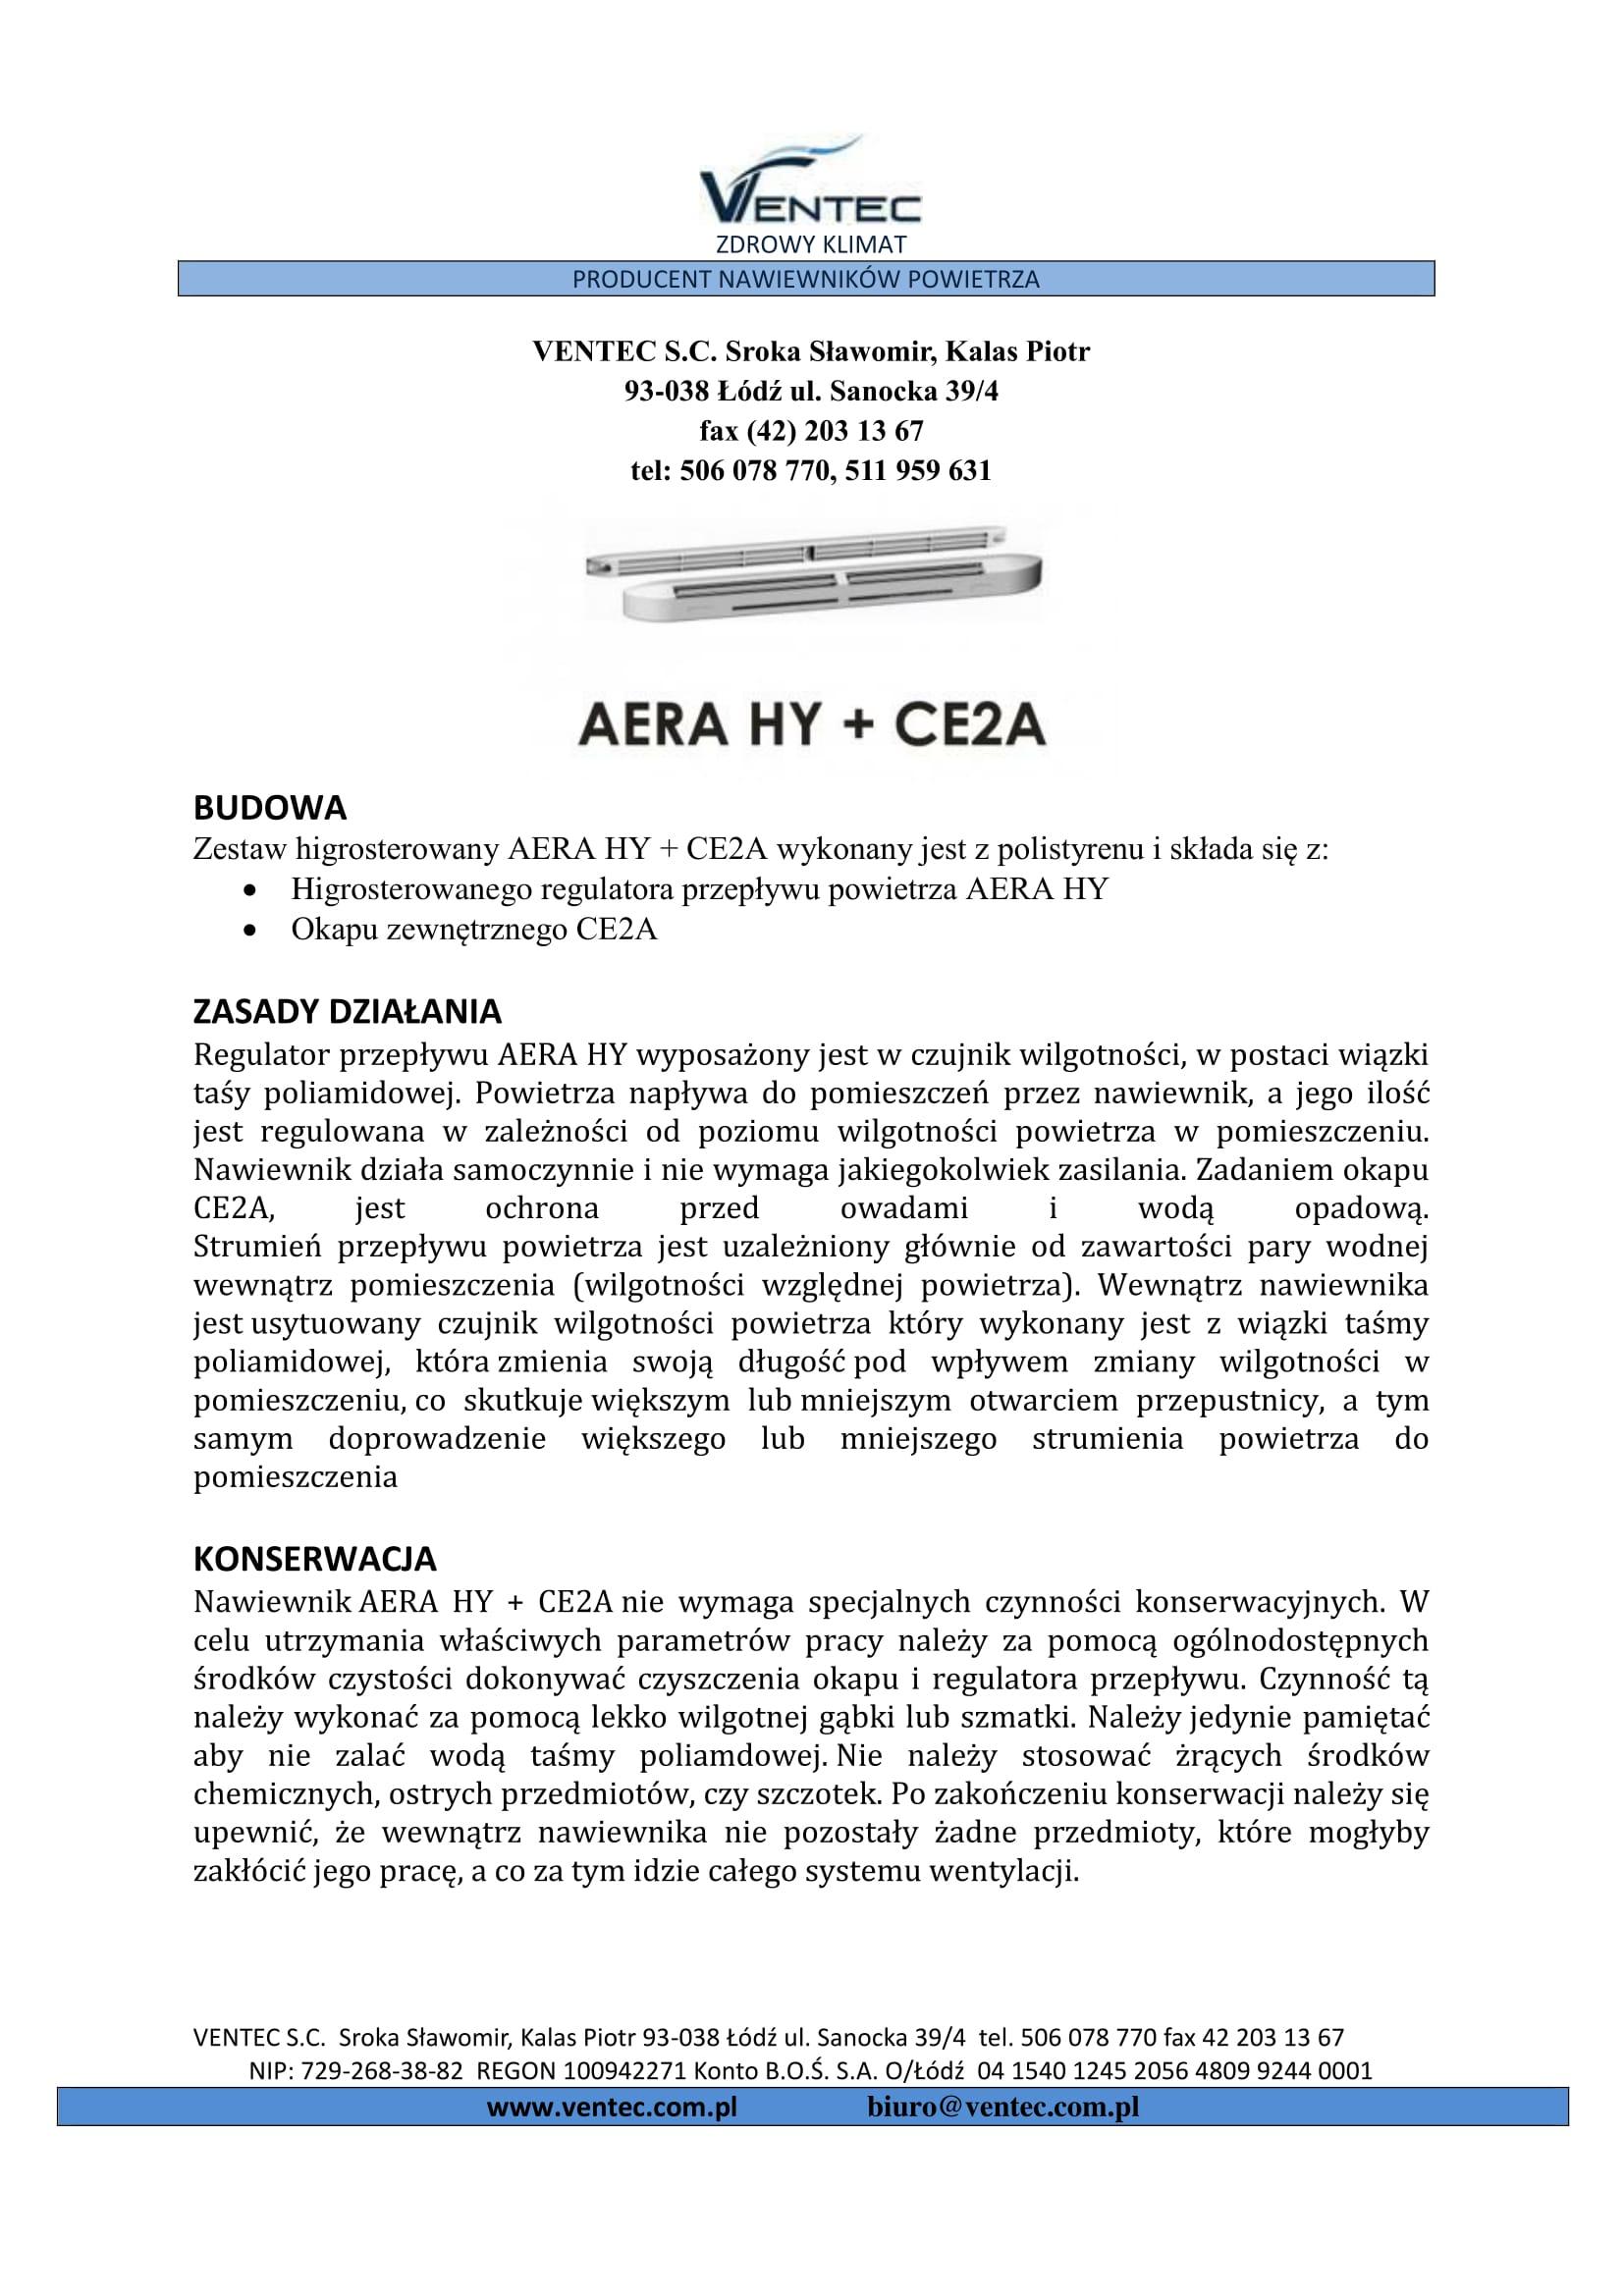 aera-hy-karta-informacyjna-1